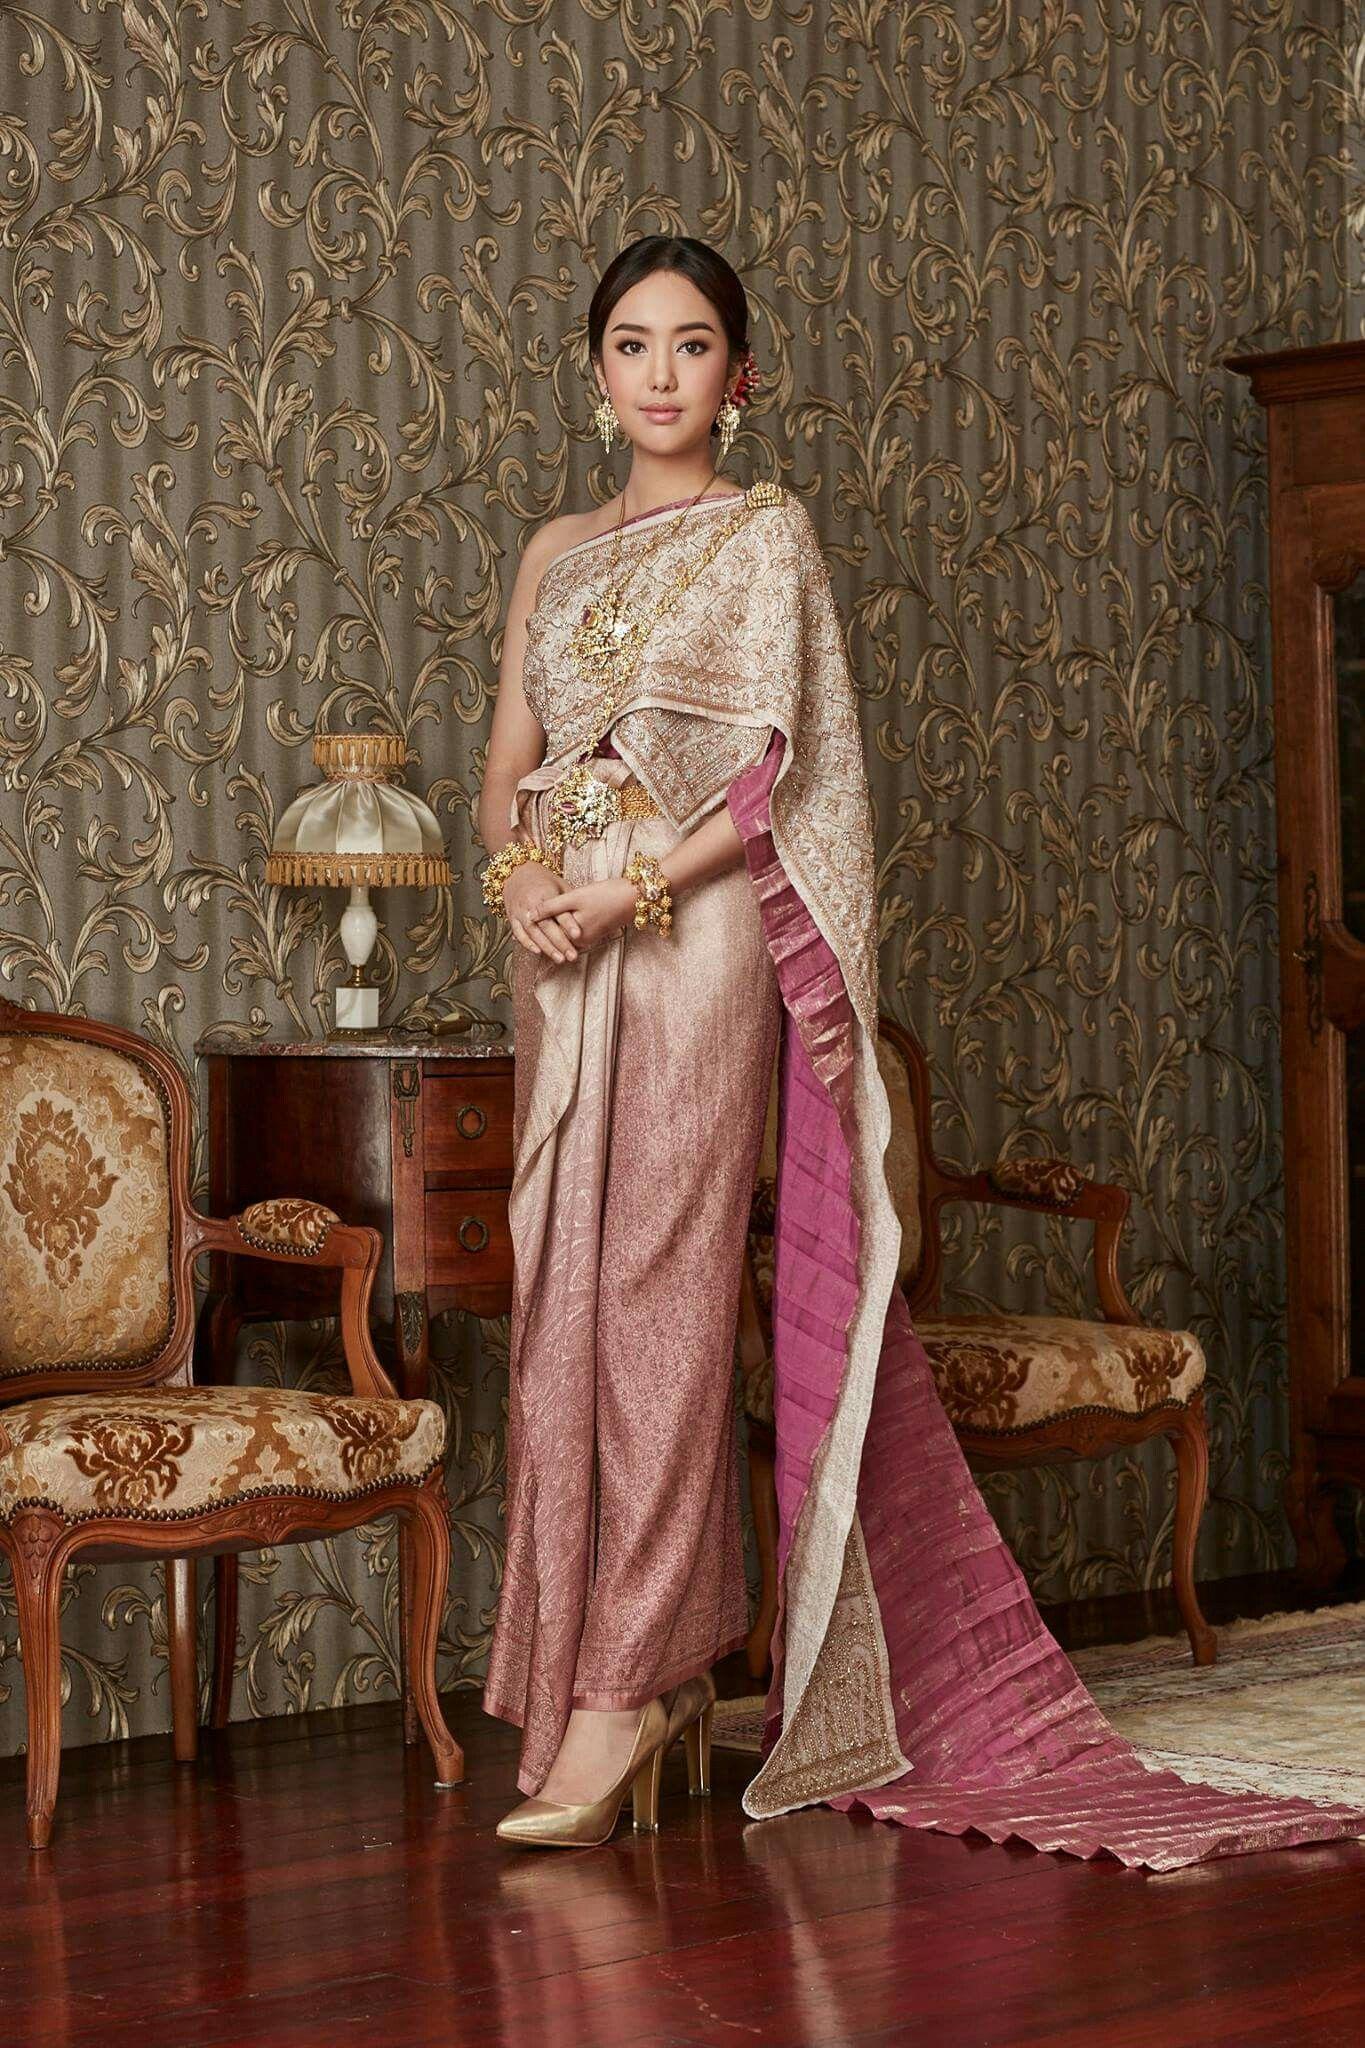 Pin von Steamed Lady\'s auf Wedding Thailand | Pinterest